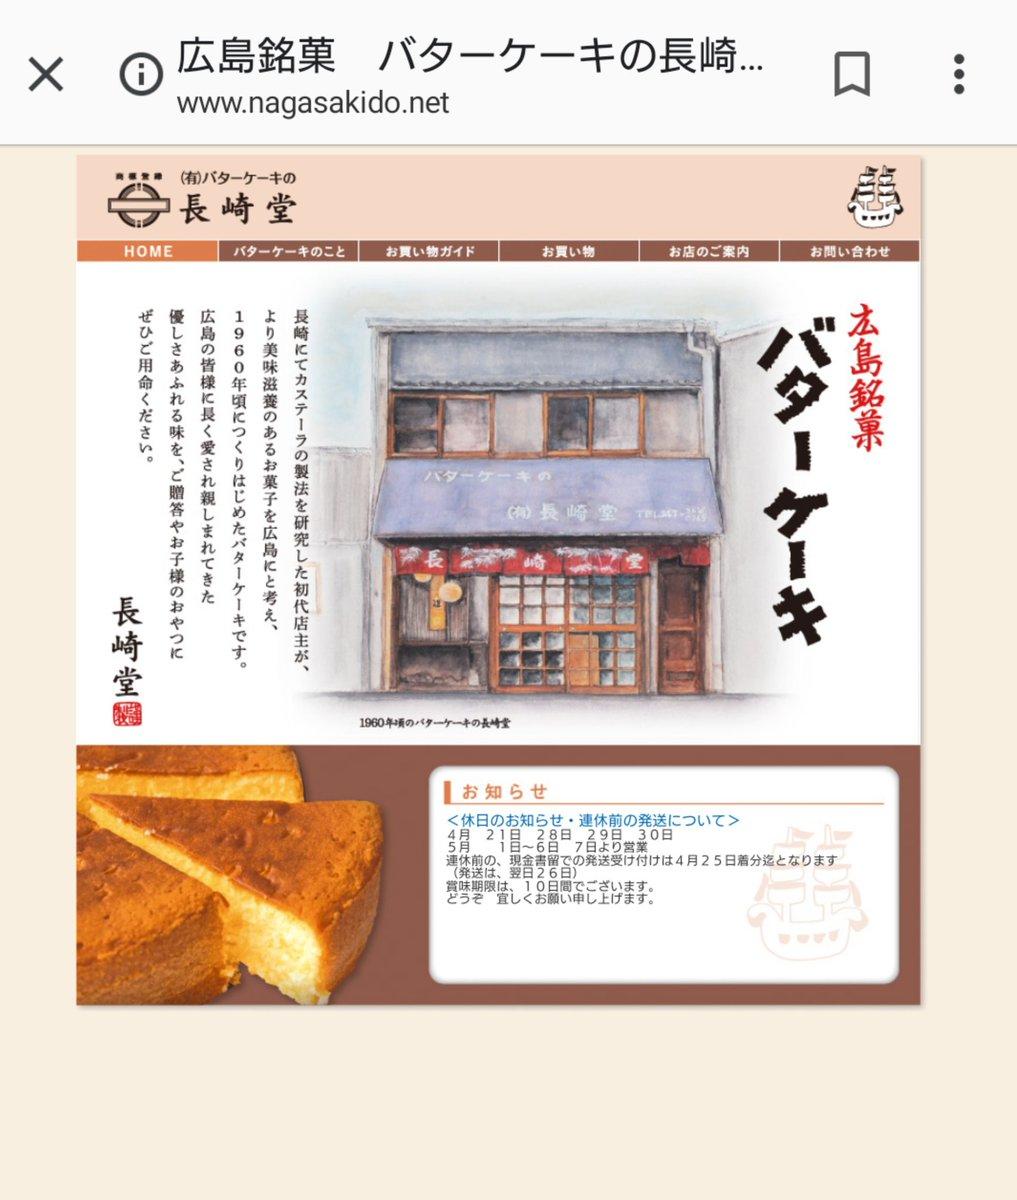 test ツイッターメディア - 頼まれていた長崎堂のバターケーキ購入。開店前から行列ができてた… #蝗活 https://t.co/Yk6fdUGARZ